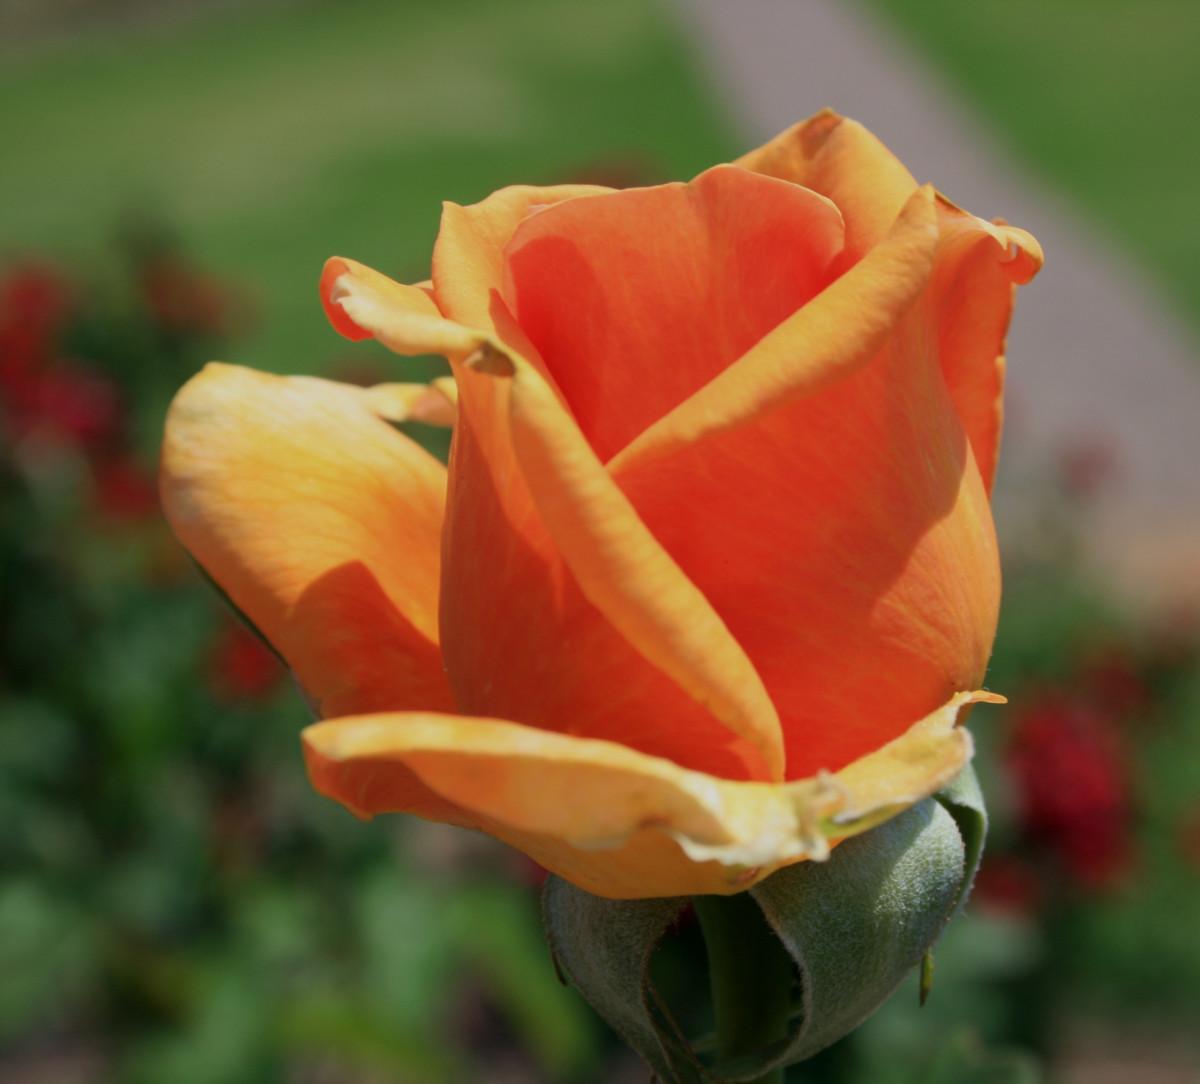 Garden Roses Flower Petal